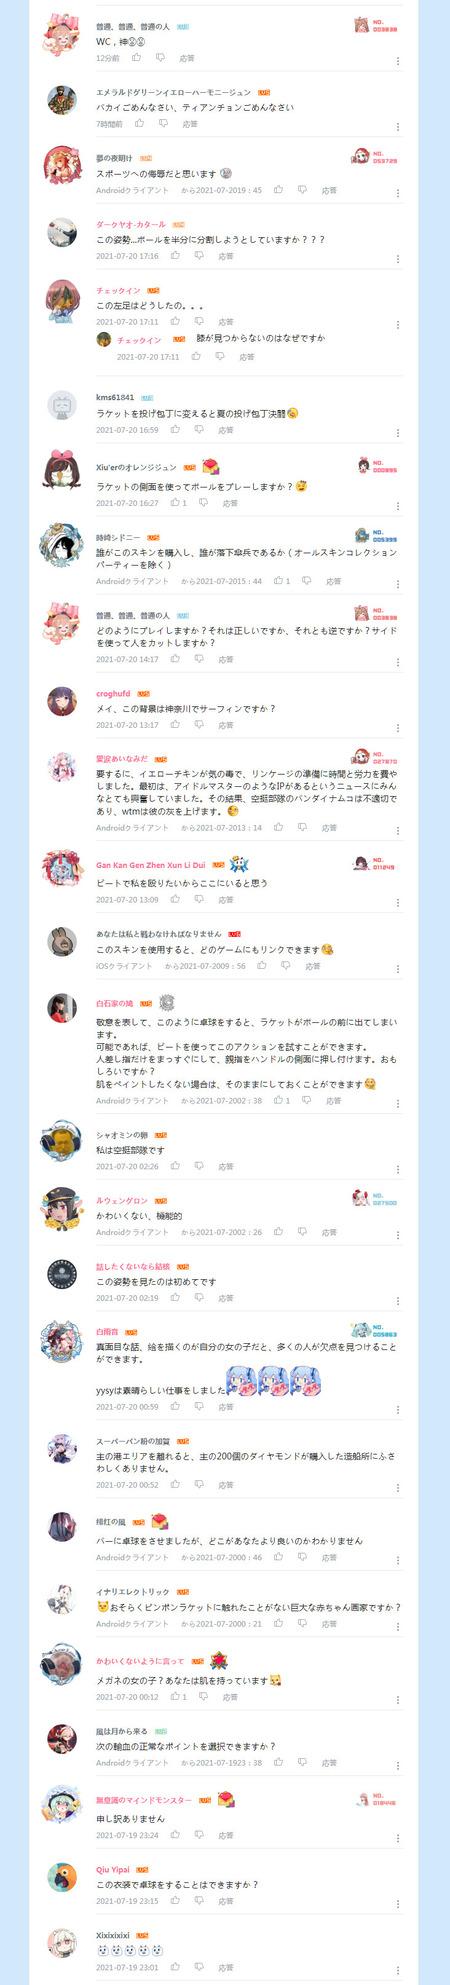 【悲報】アズレンコラボの「アイマス」、中国人から酷評されてしまう…